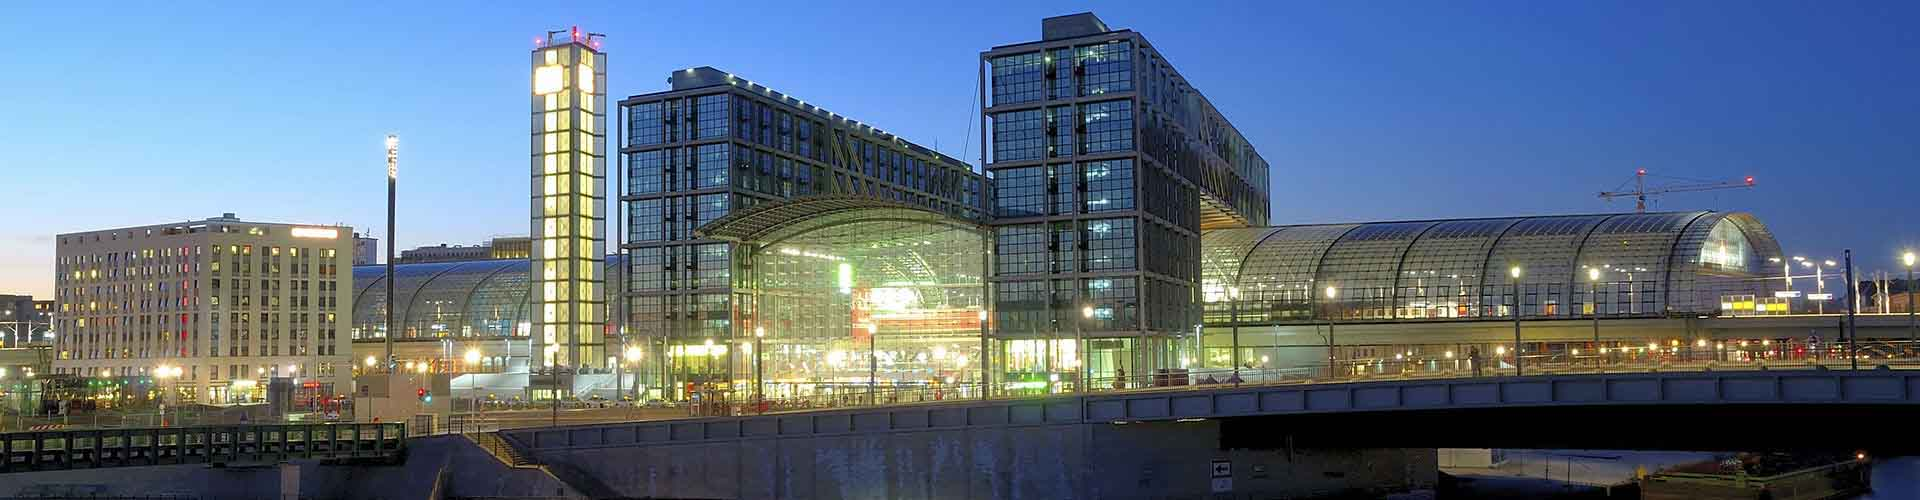 베를린 - 베를린 하프반호프역에 가까운 아파트. 베를린의 지도, 베를린에 위치한 아파트에 대한 사진 및 리뷰.